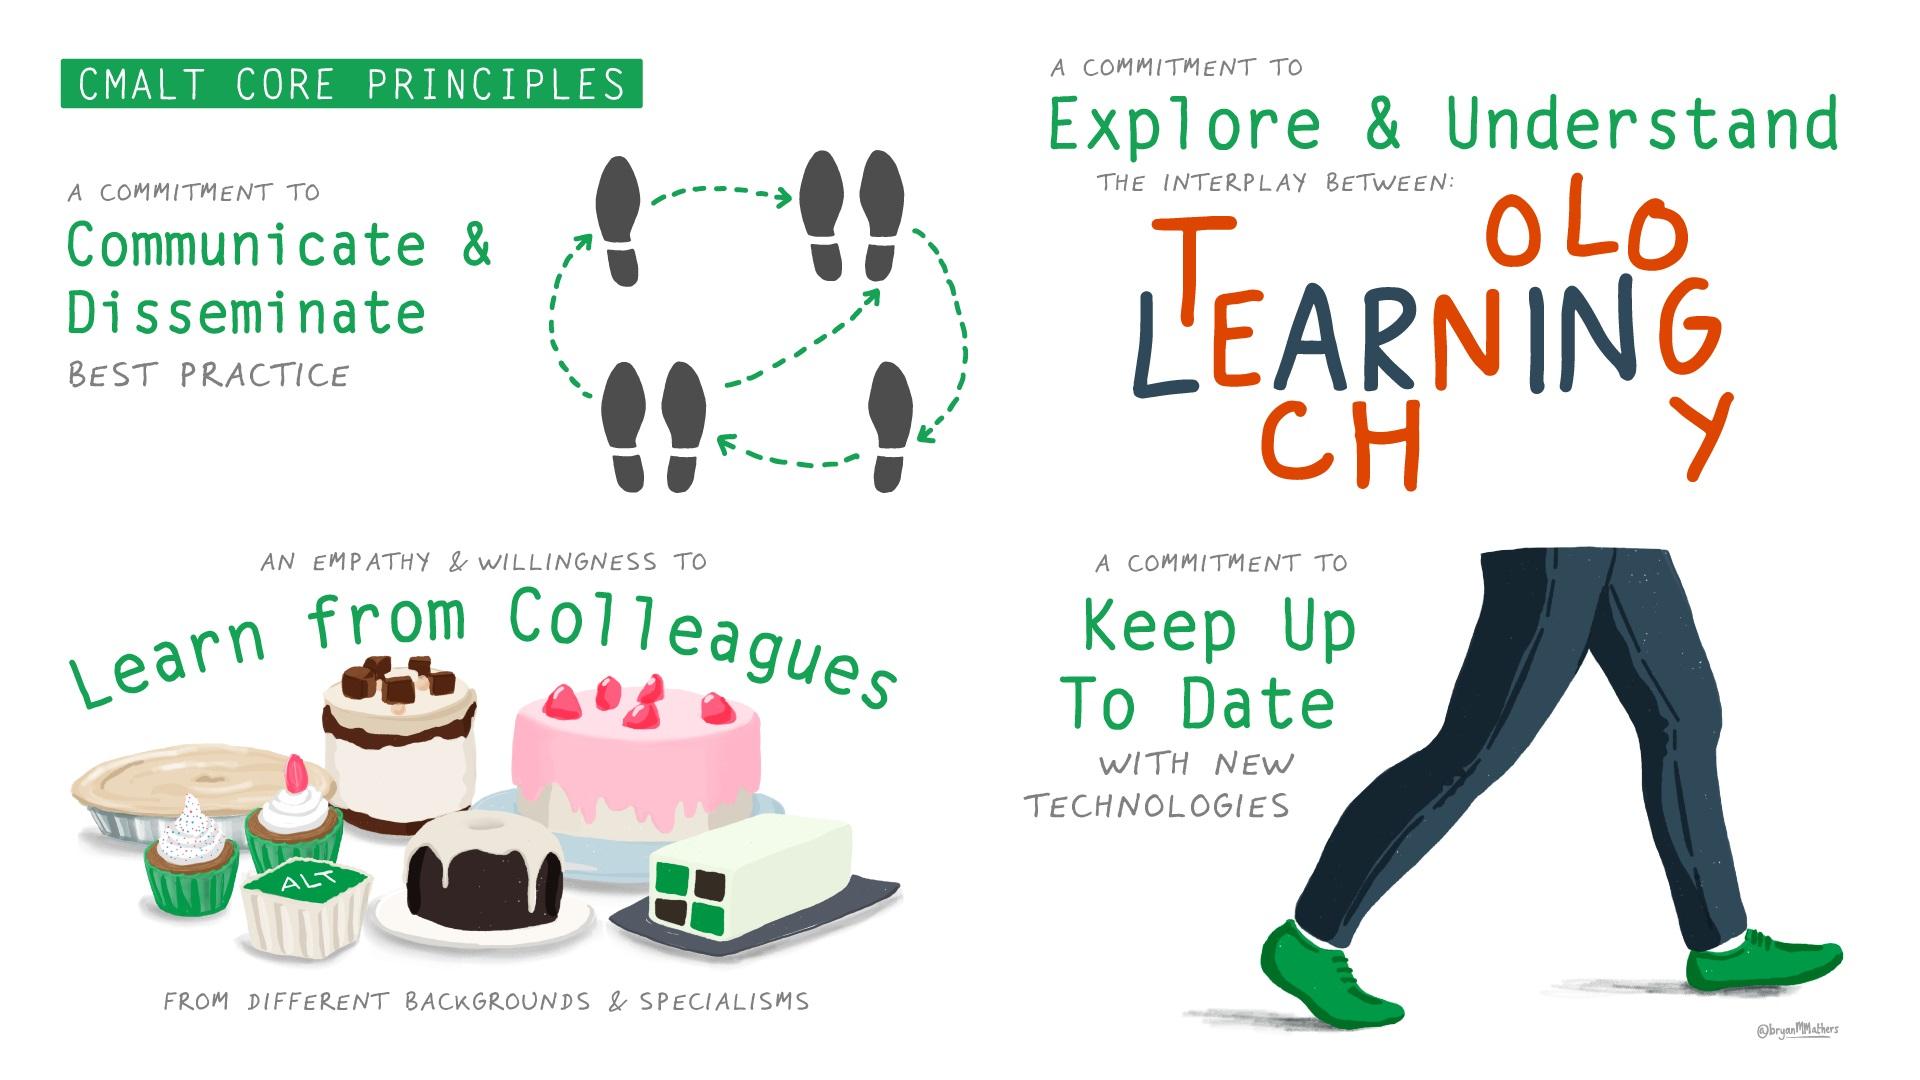 CMALT core principles image